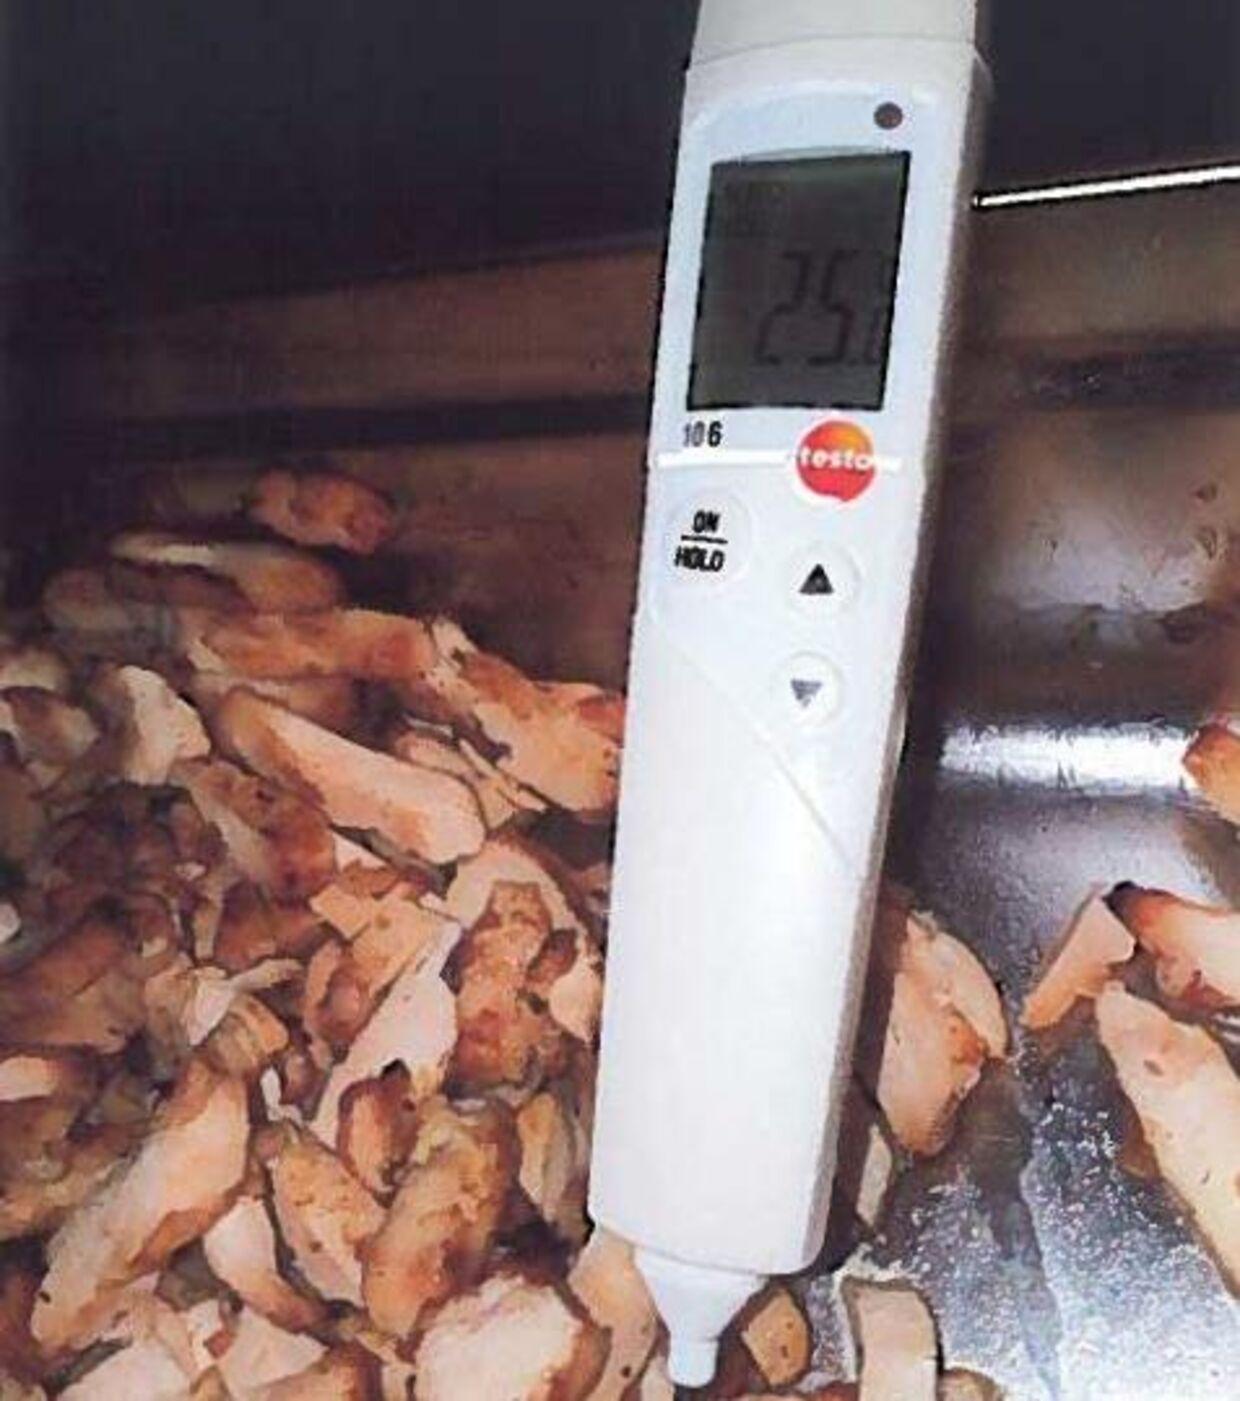 Den færdigstegte kylling blev målt til at have en temperatur på 25 grader i køkkenet.Dalle Valle, Holstebro, 21.03. 2019.